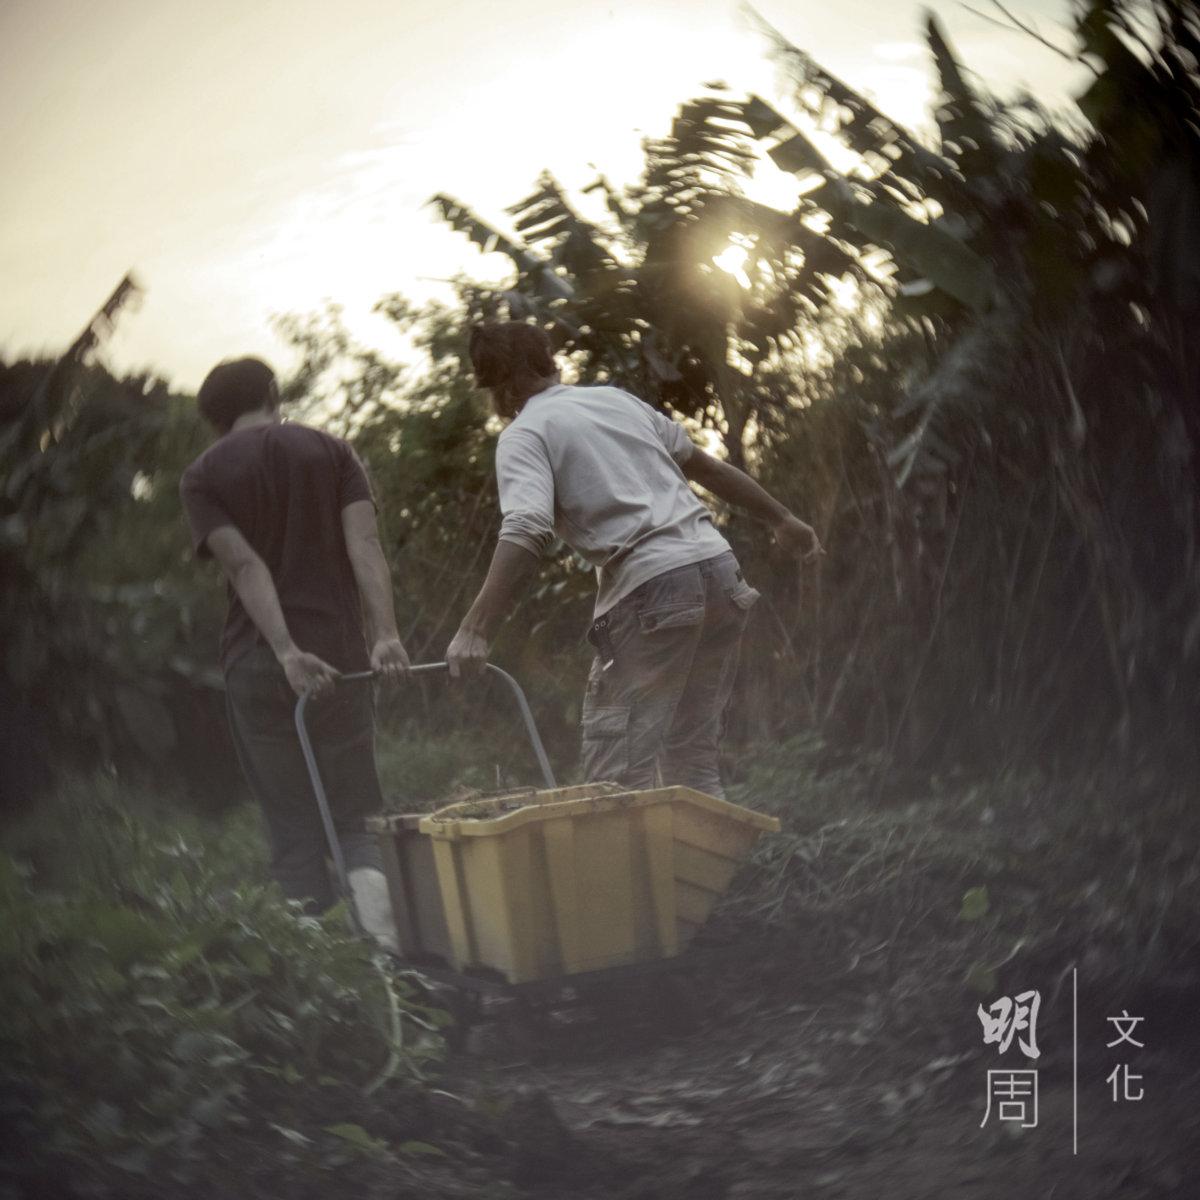 為避免傷害泥土中的生命而不鋤地,增加很多勞動,例如搬肥沃的泥補救貧瘠的土壤。(圖片由土丘提供)